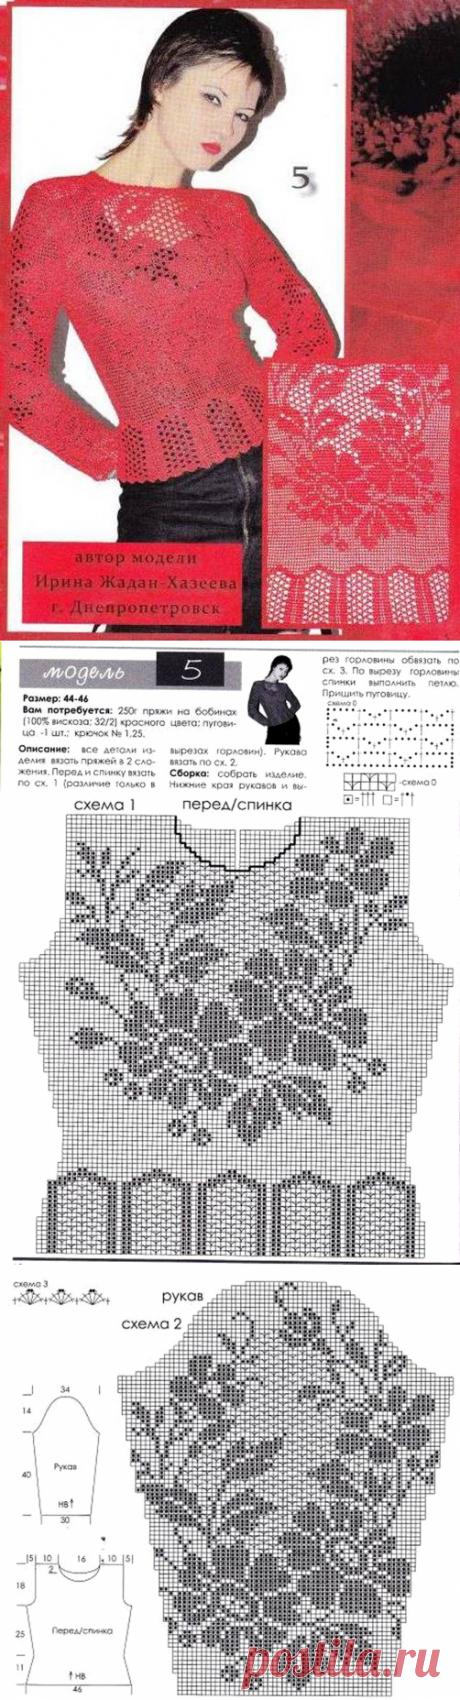 Красивая блузка в филейной технике. - САМОБРАНОЧКА рукодельницам, мастерицам